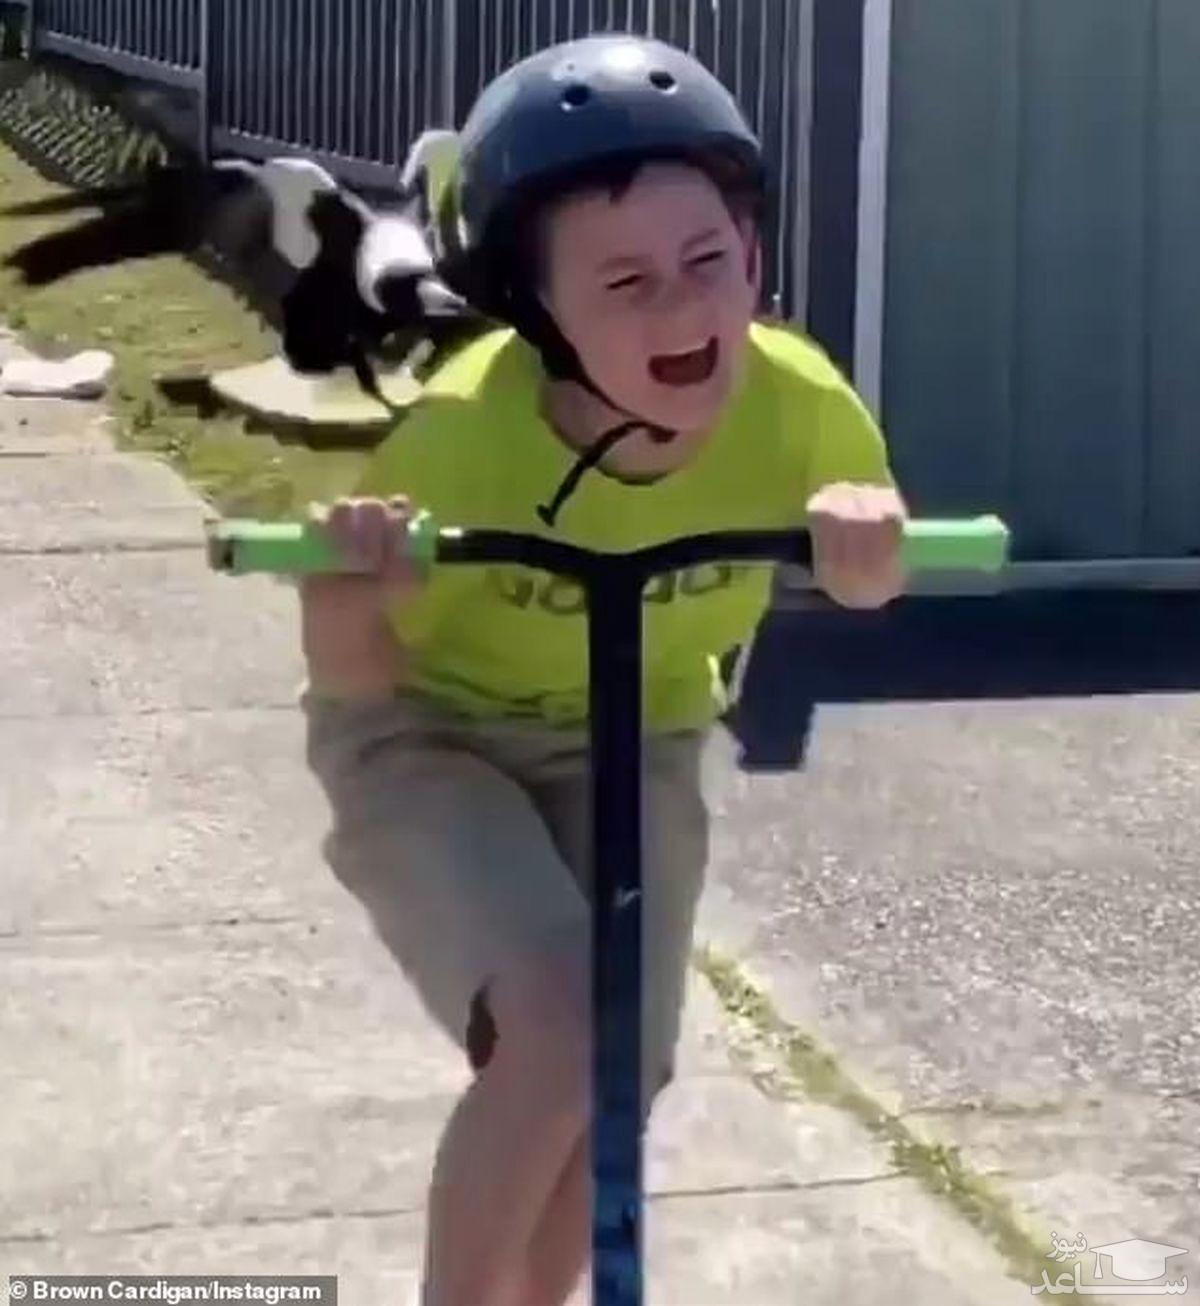 (فیلم) حمله زاغ خشمگین به پسر بچه اسکوترسوار